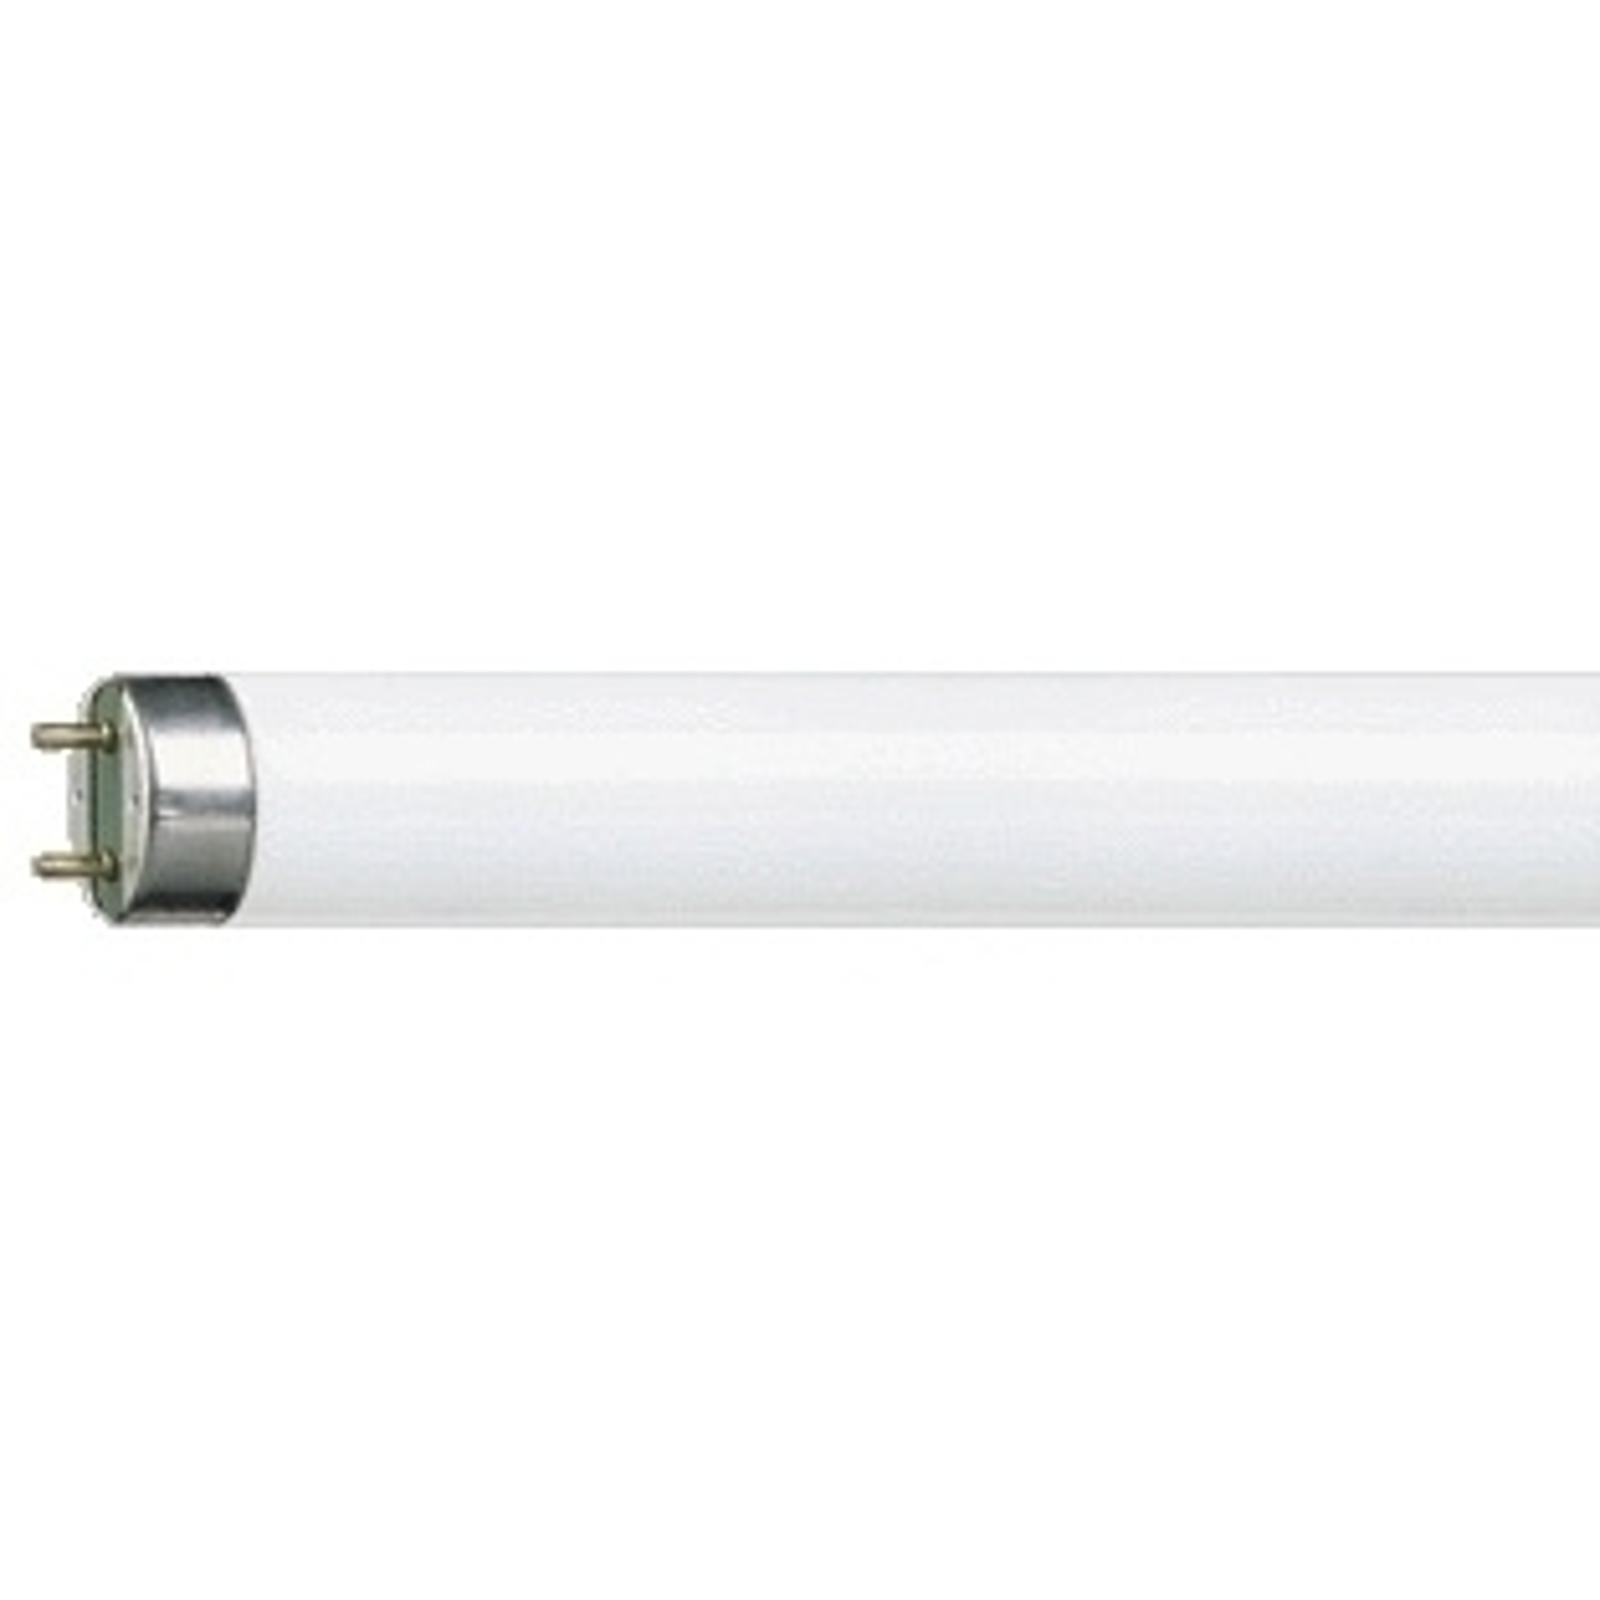 Leuchtstoffröhre G13 T8 38W MASTER TL-D Super 830